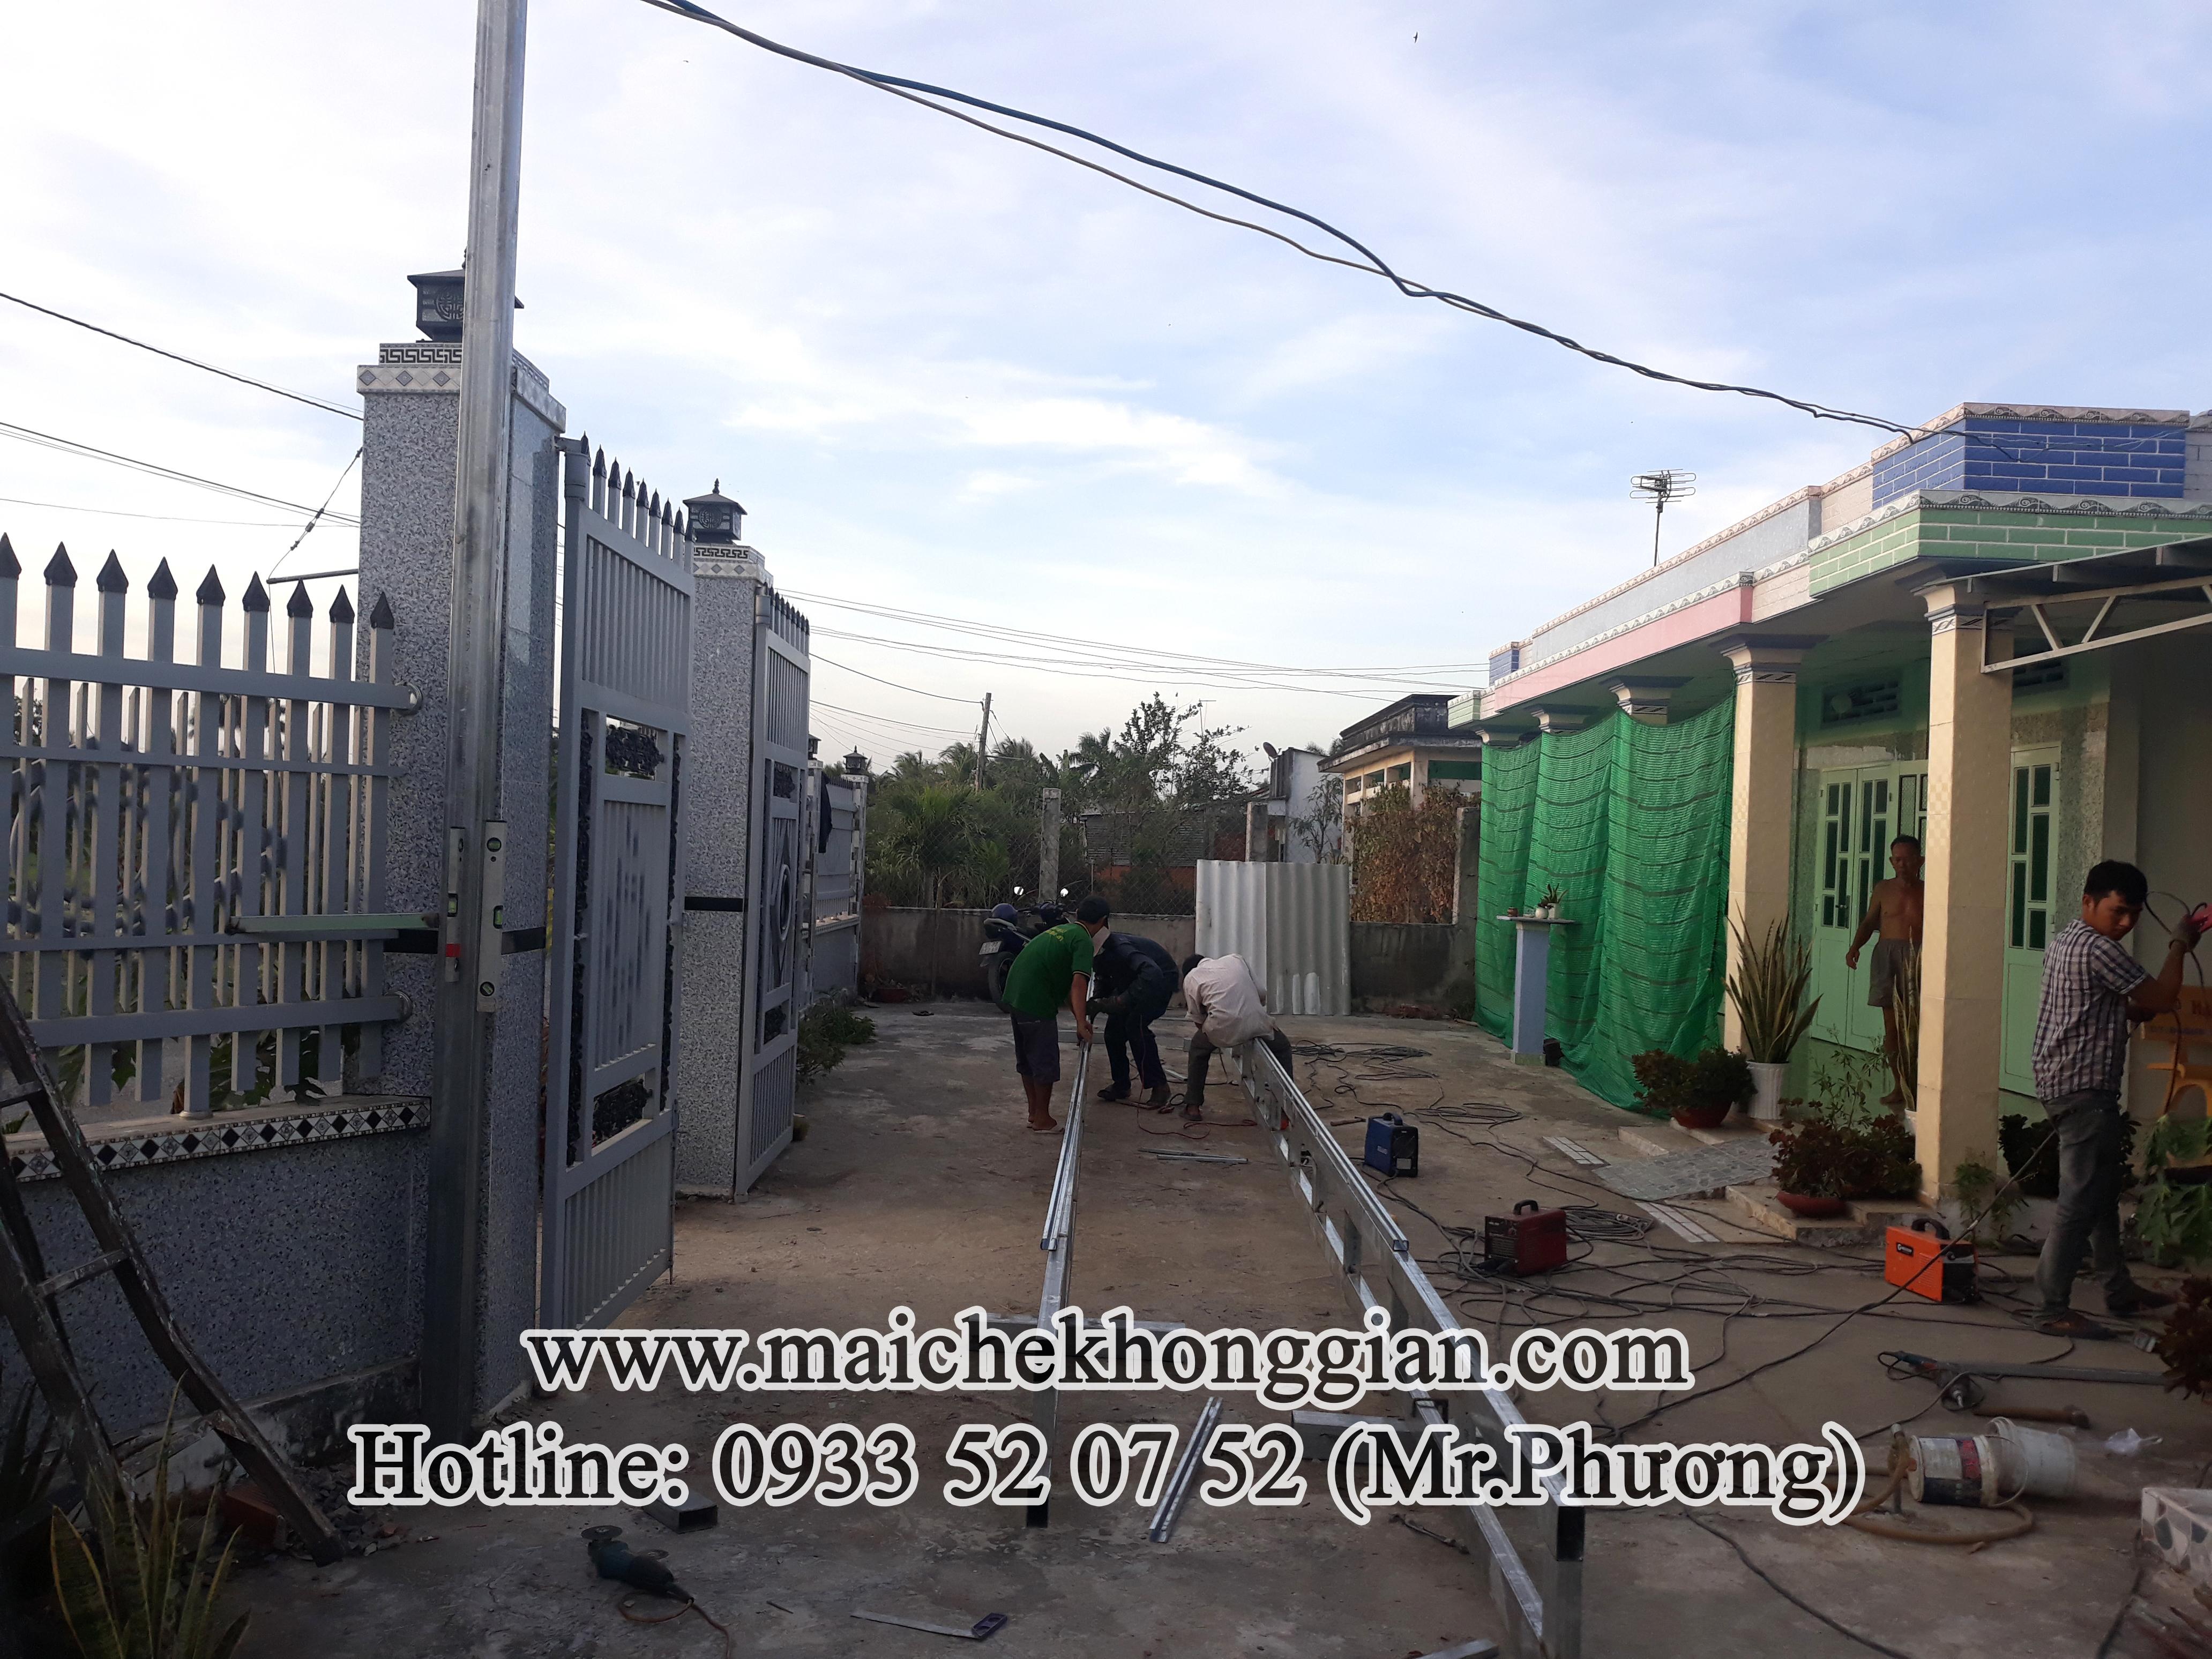 Thay bạt mái che Huyện Vũng Liêm Vĩnh Long